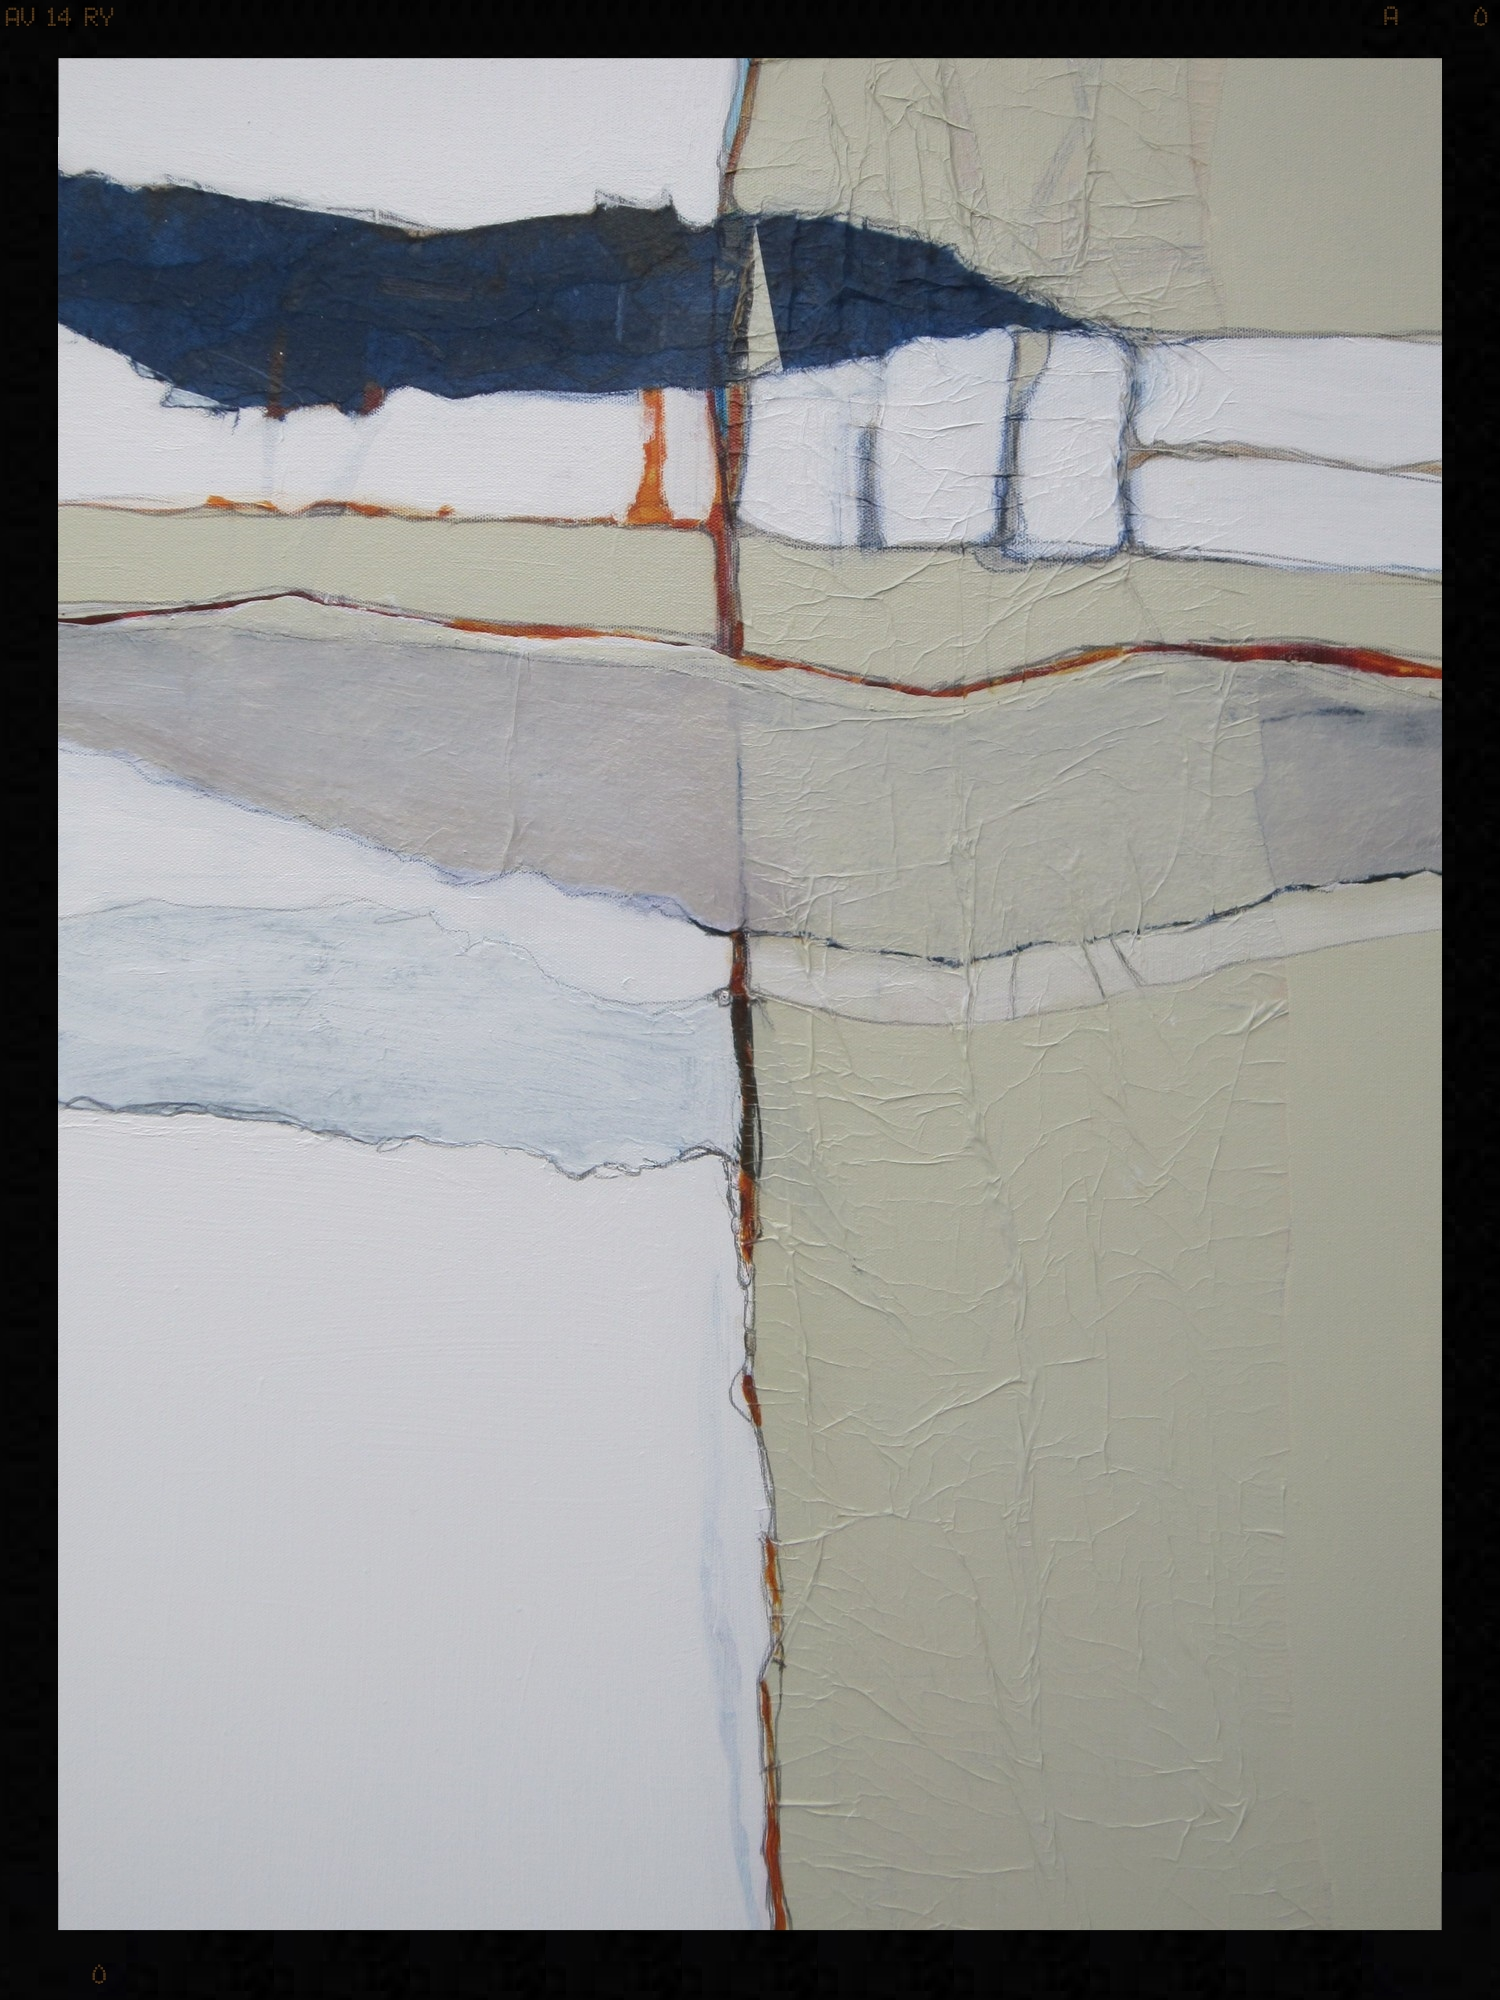 Wall Shadow #14